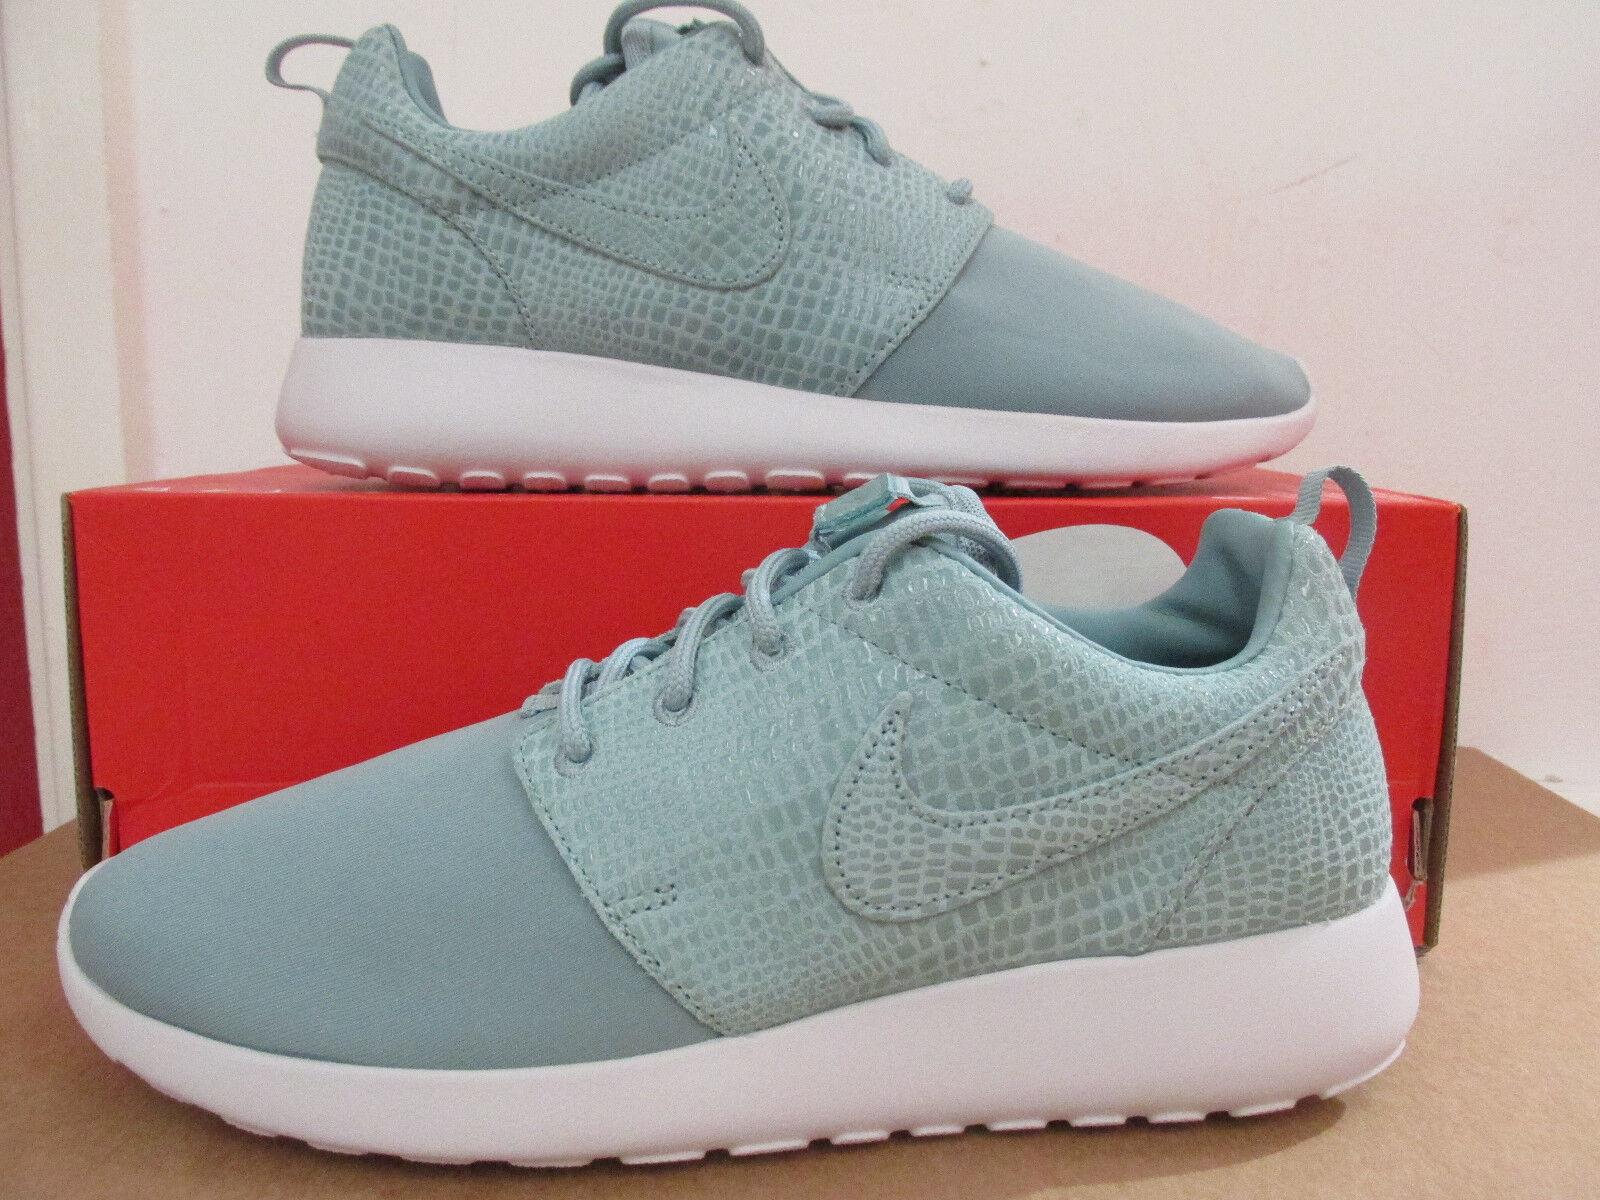 Nike Damen Roshe ein Drucken Laufschuhe 844958 004 Turnschuhe Schuhe Ausverkauf Elegant und feierlich